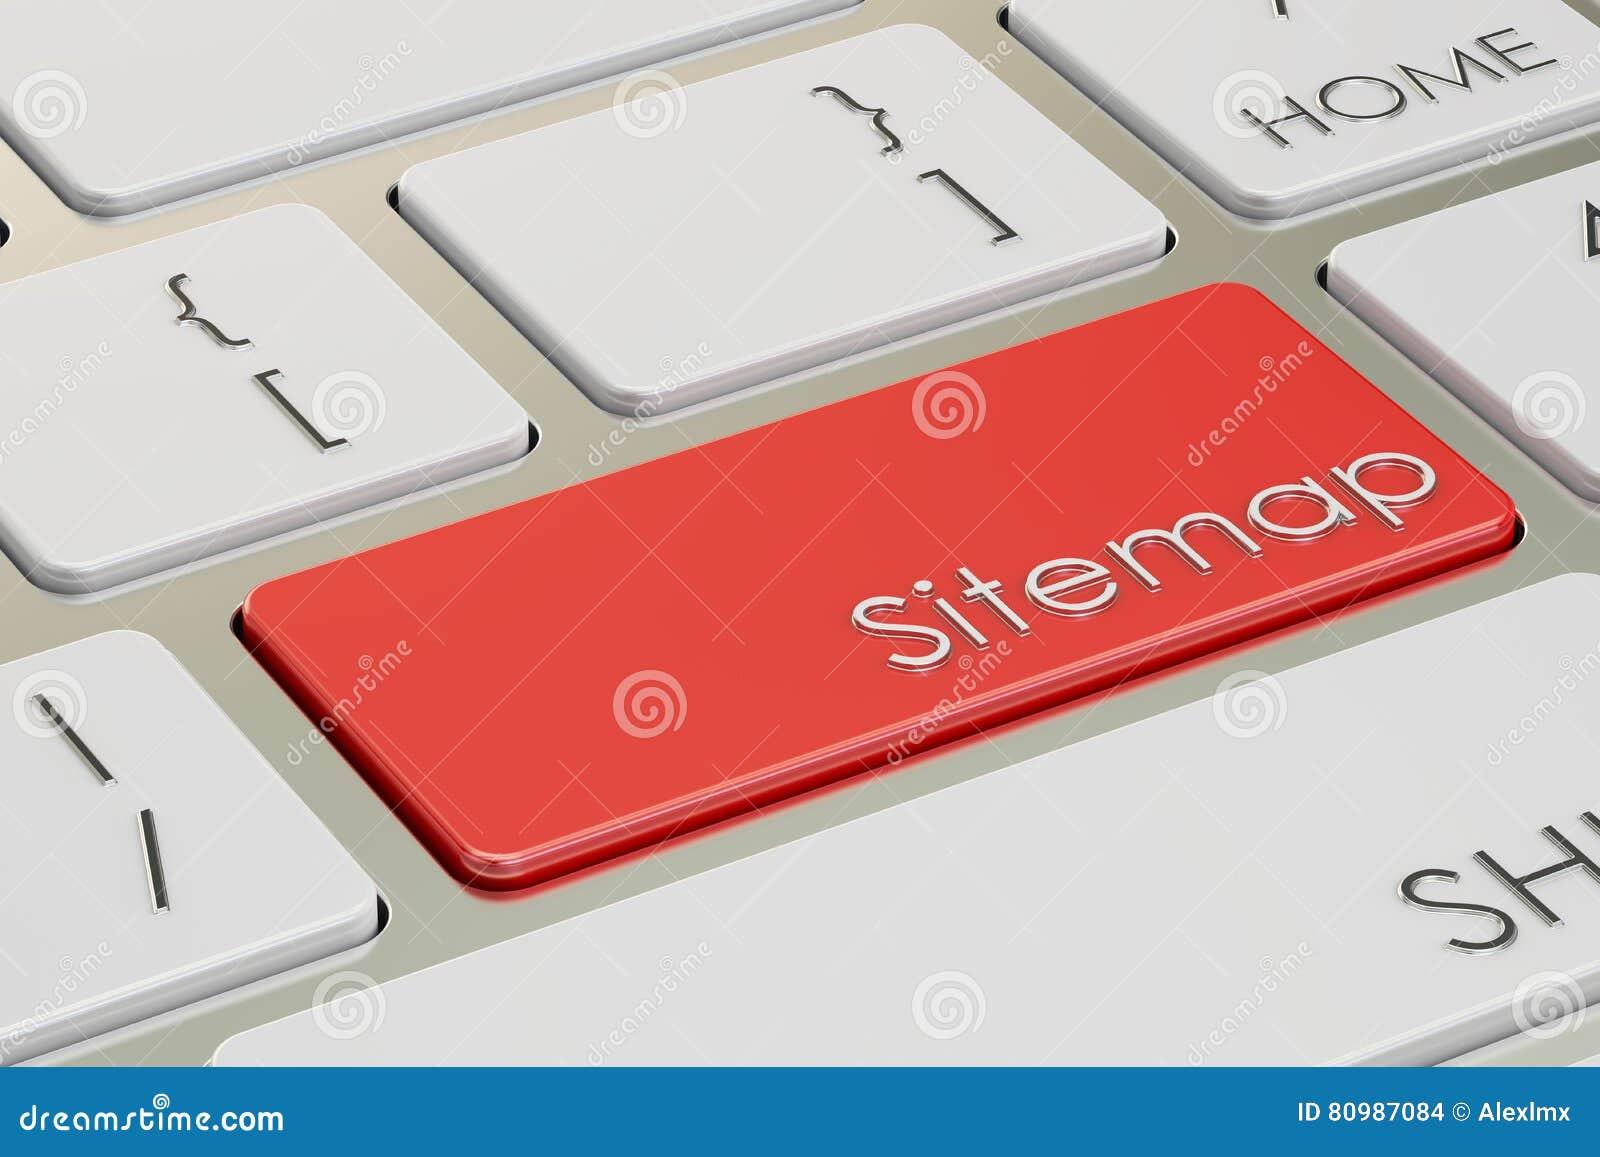 Sitemap röd tangent på tangentbordet framförande 3d